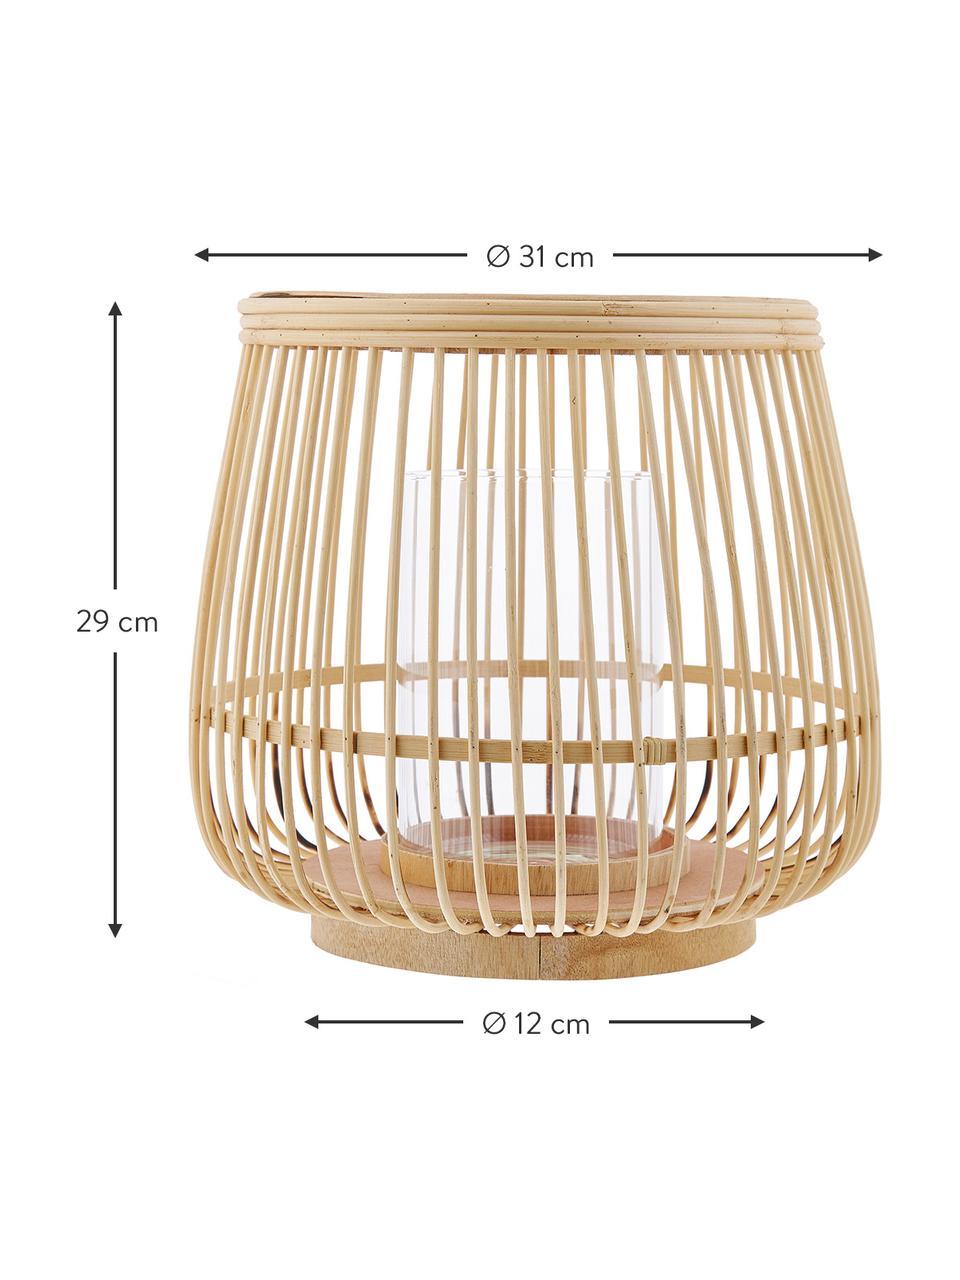 Windlicht Caits, Windlicht: bamboehout, Windlicht: lichtbruin. Inzet: transparant, Ø 31 x H 29 cm